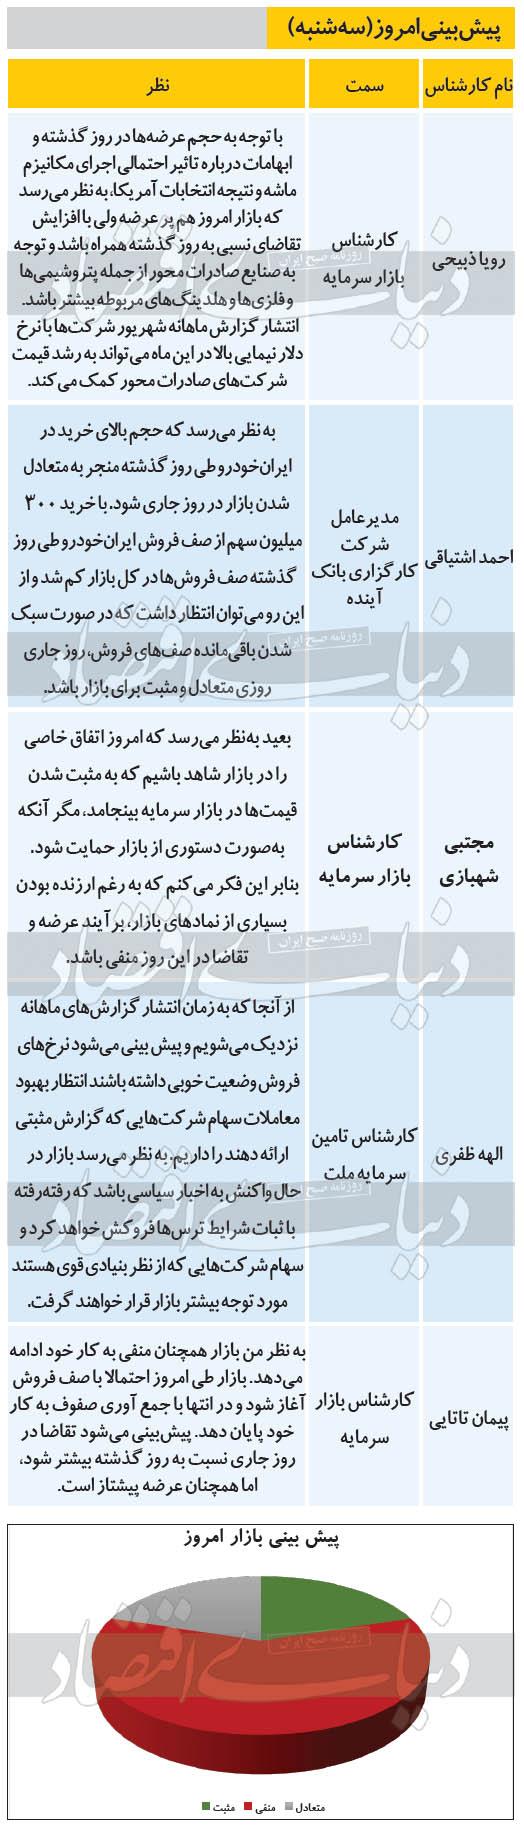 پیشبینی بورس اول مهر 99